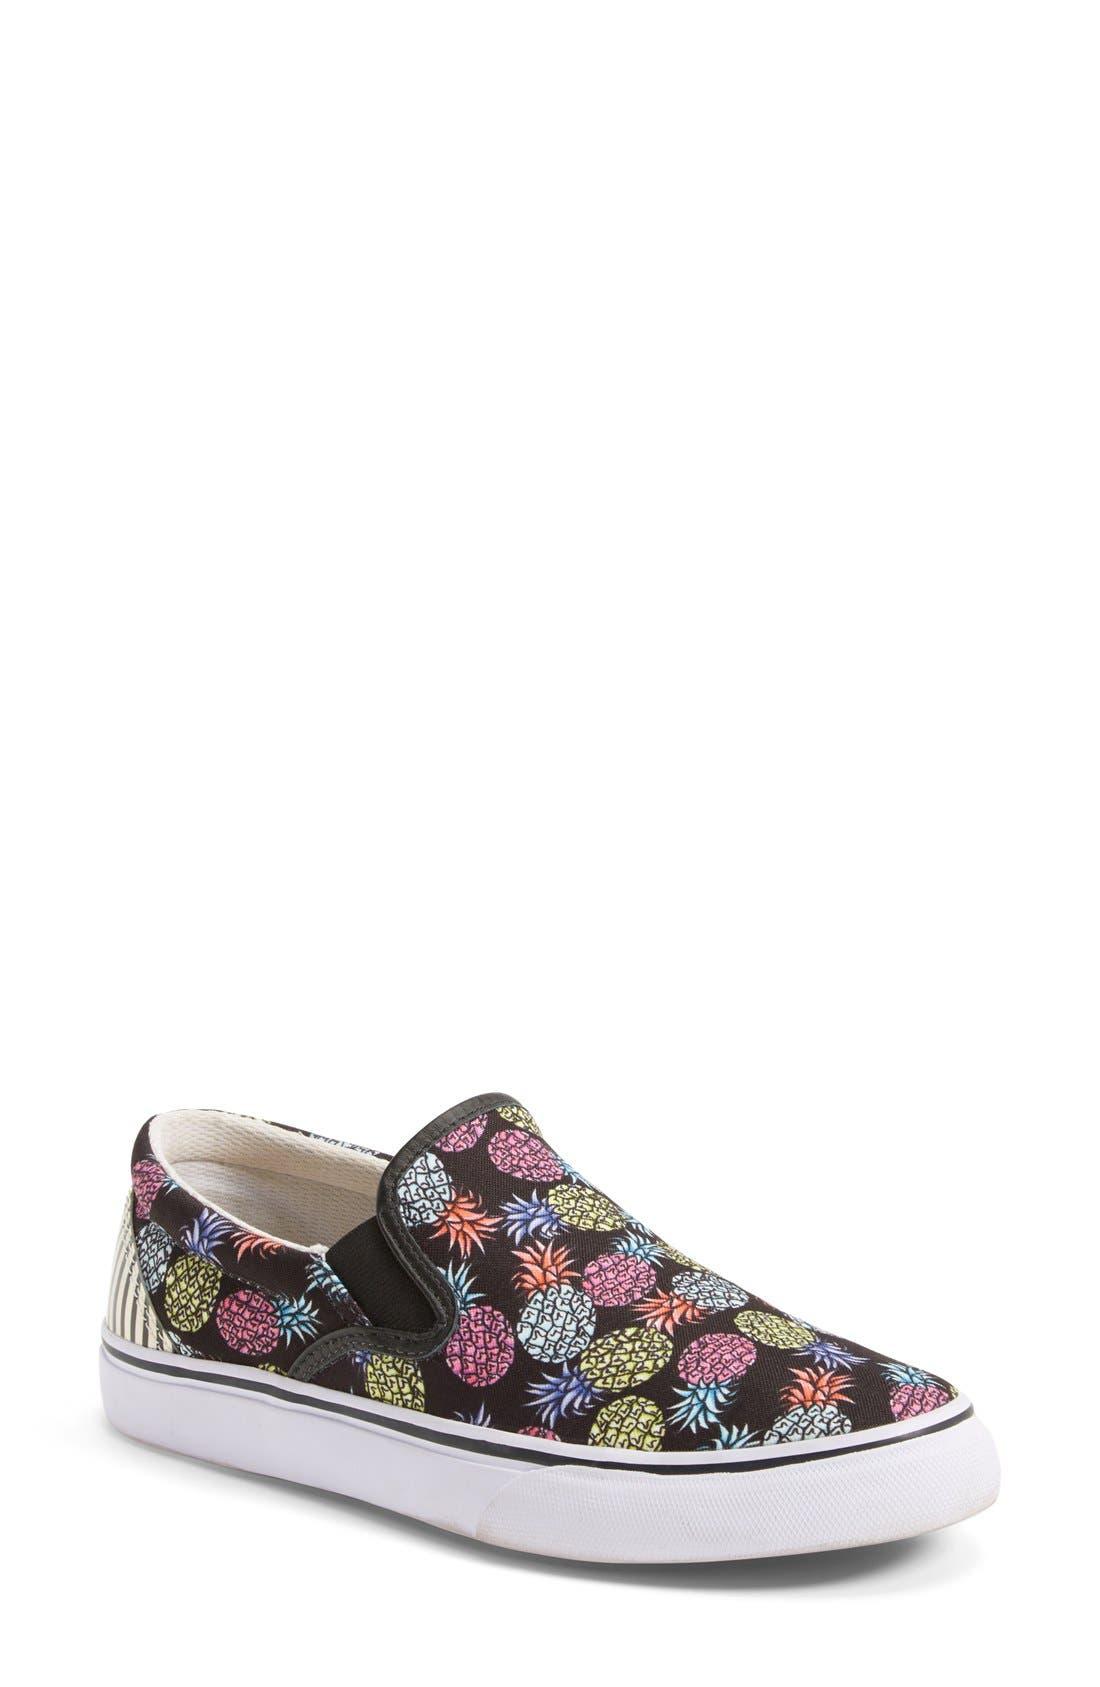 'Adele - Pineapple' Satin Slip-On Sneaker,                         Main,                         color, 001